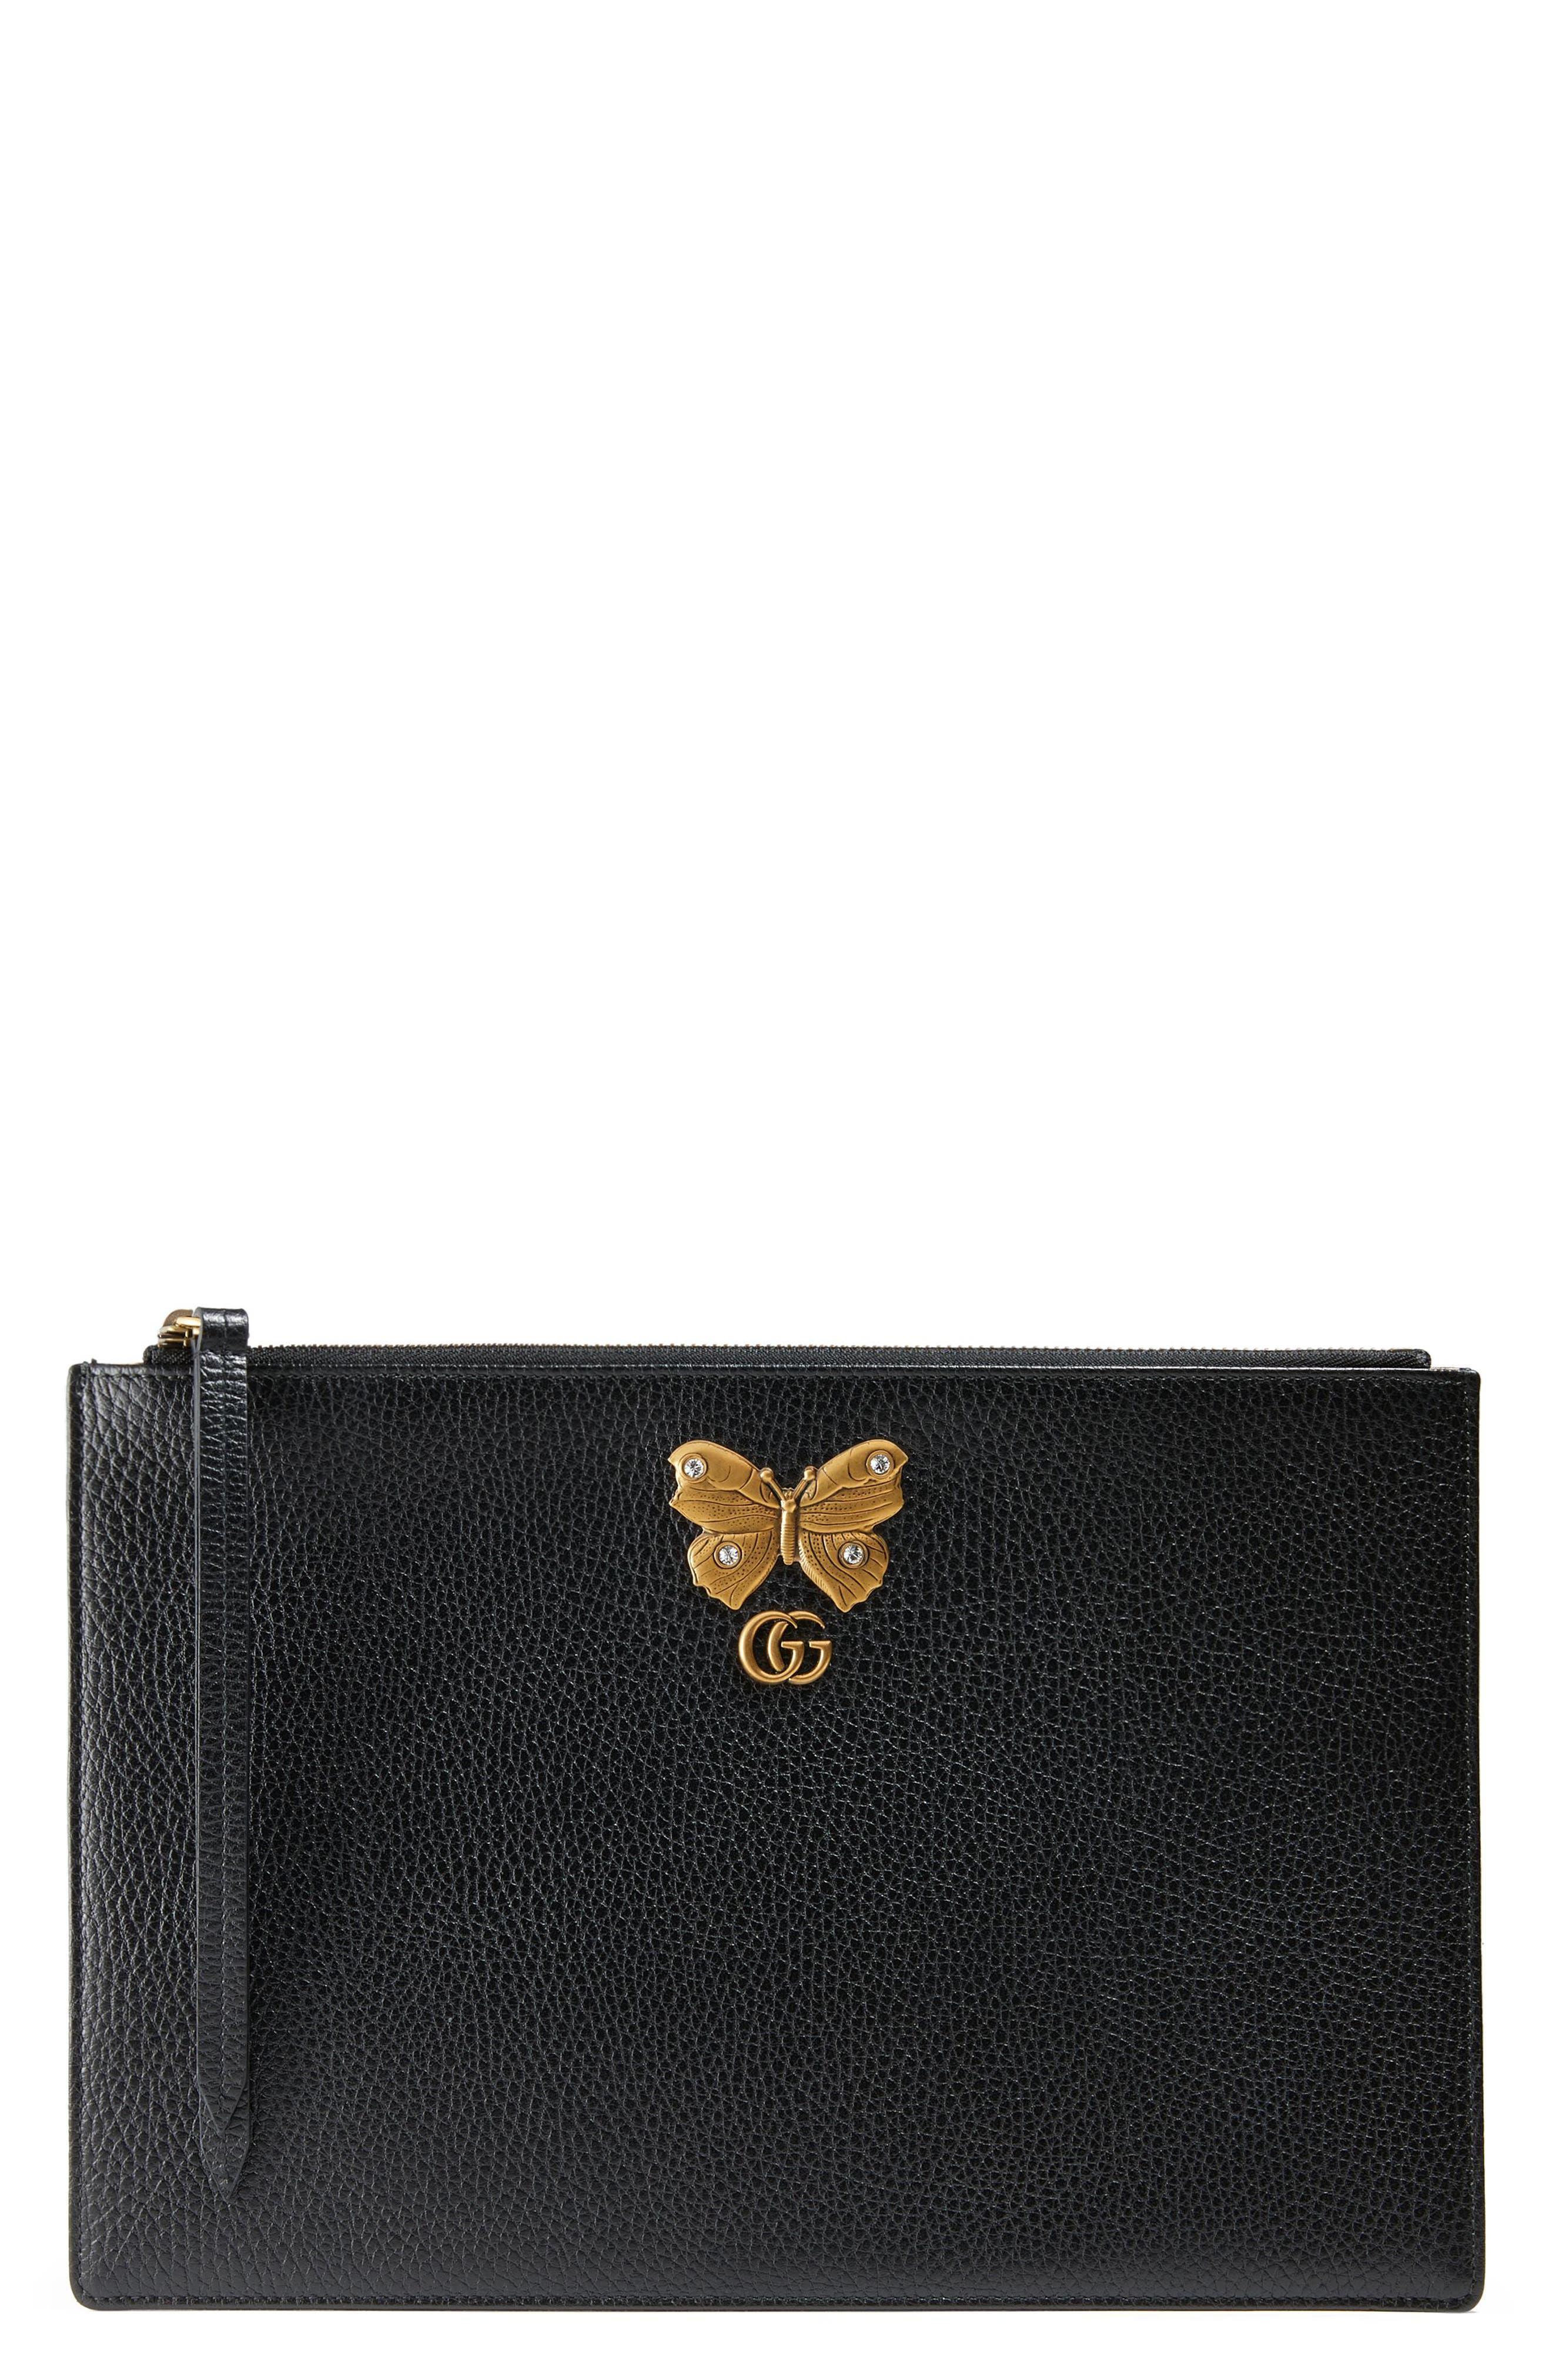 Main Image - Gucci Linea Farfalla Leather Pouch